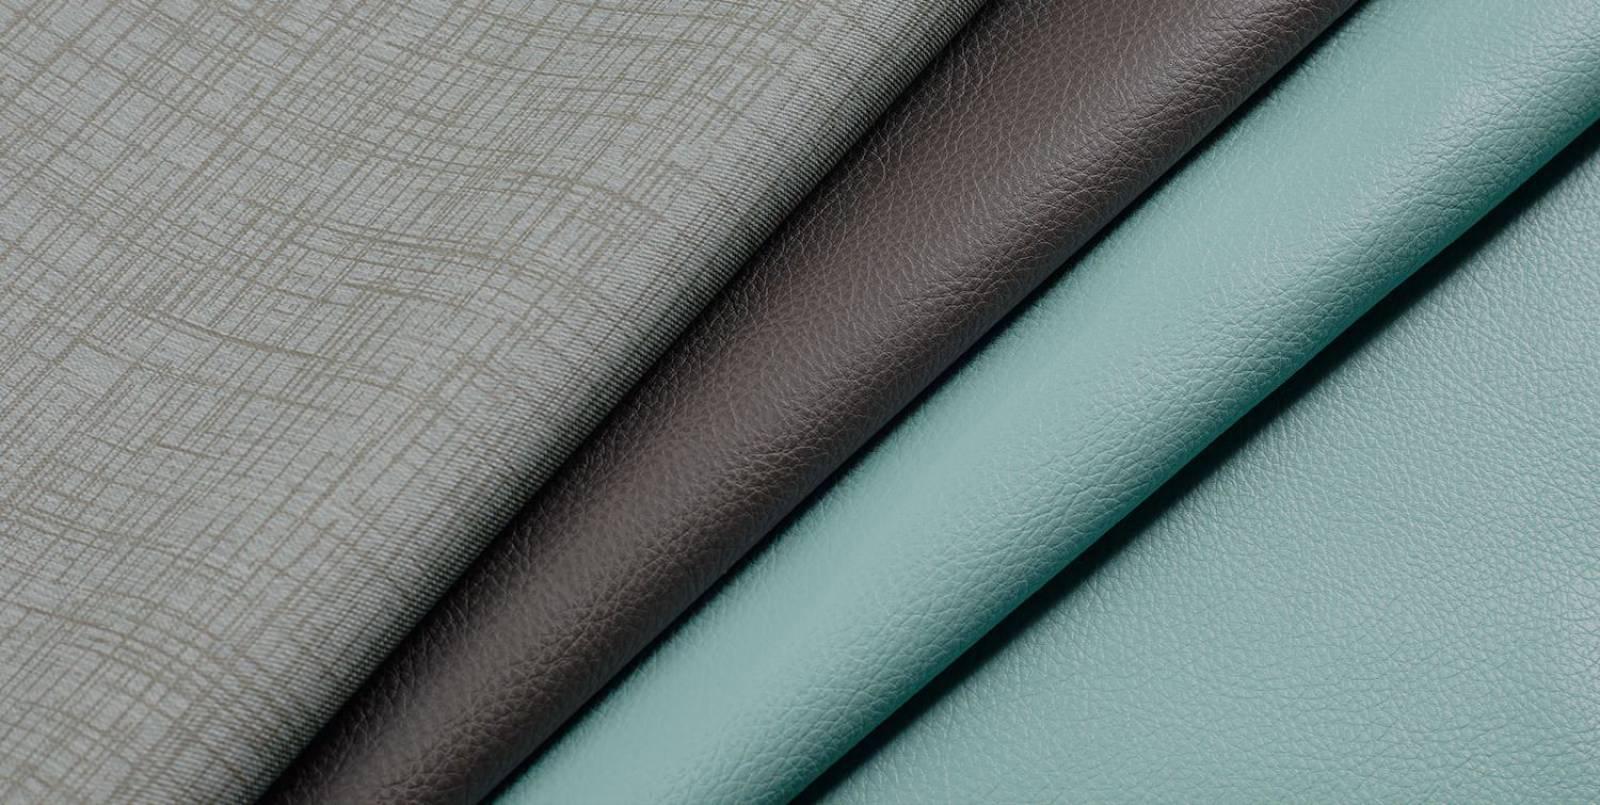 cuir pour ameublement d coration int rieure aix en provence. Black Bedroom Furniture Sets. Home Design Ideas